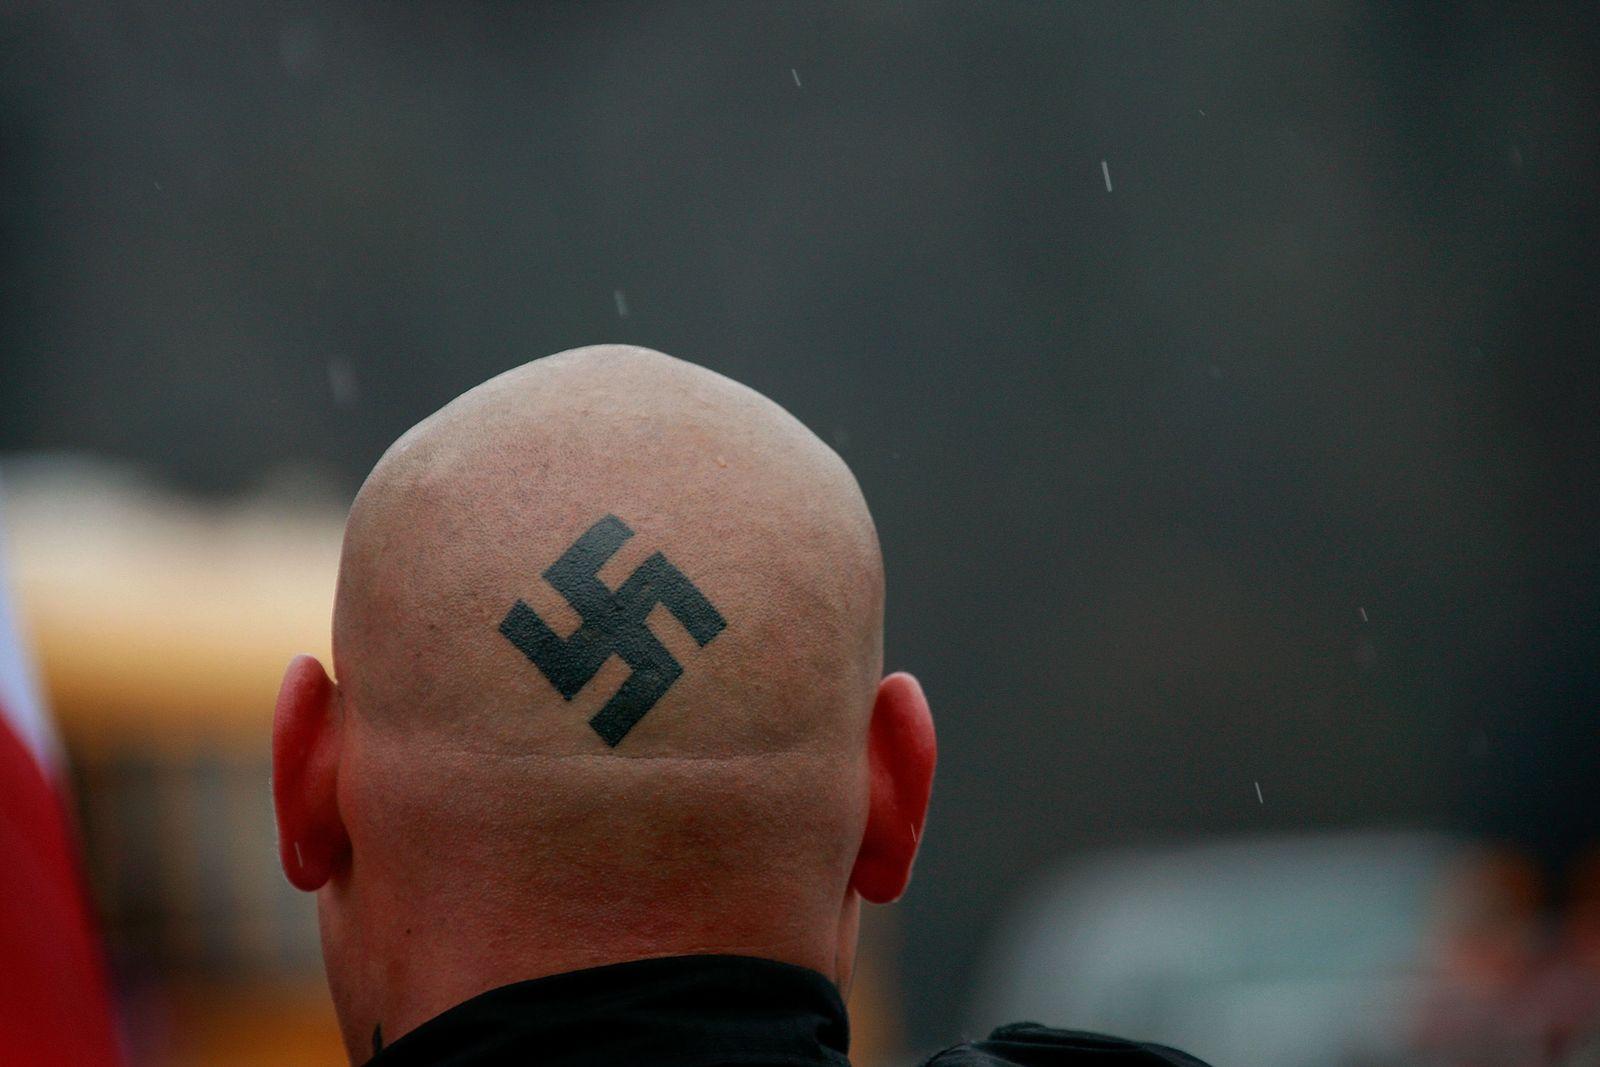 SYMBOLBILD Neo Nazi